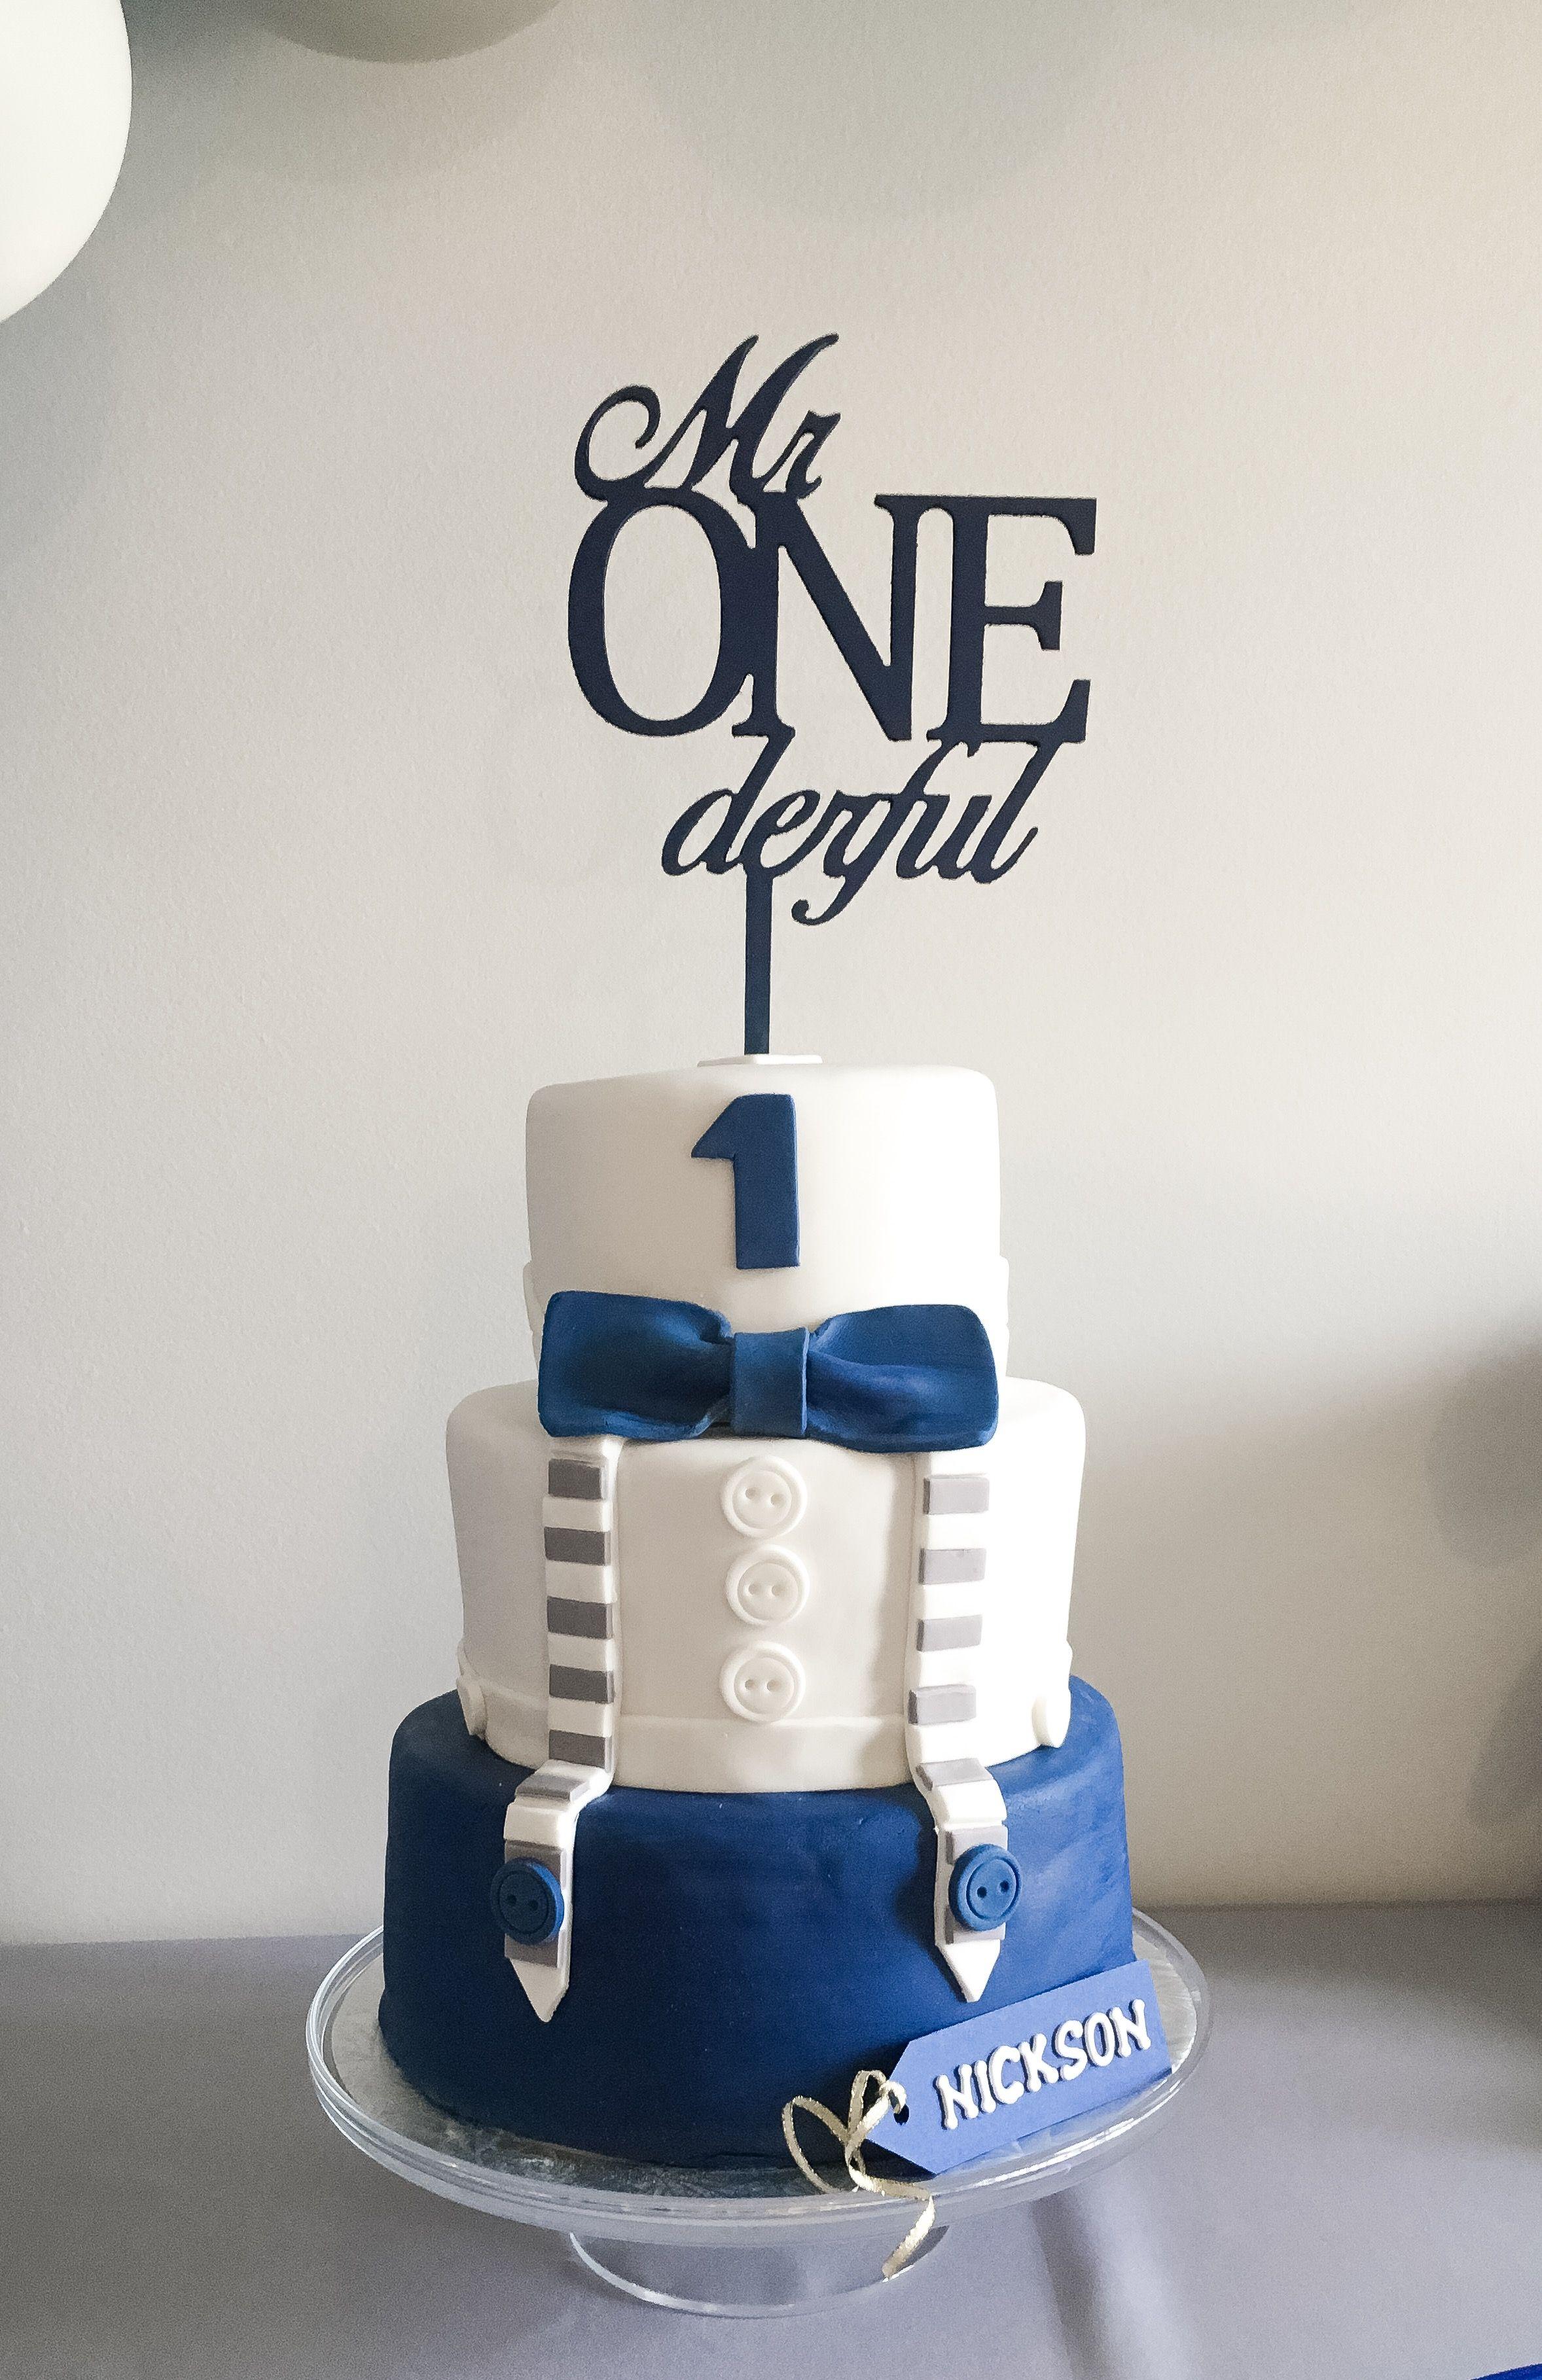 Mr onederful cake topper tuxedo birthday cake boy navy